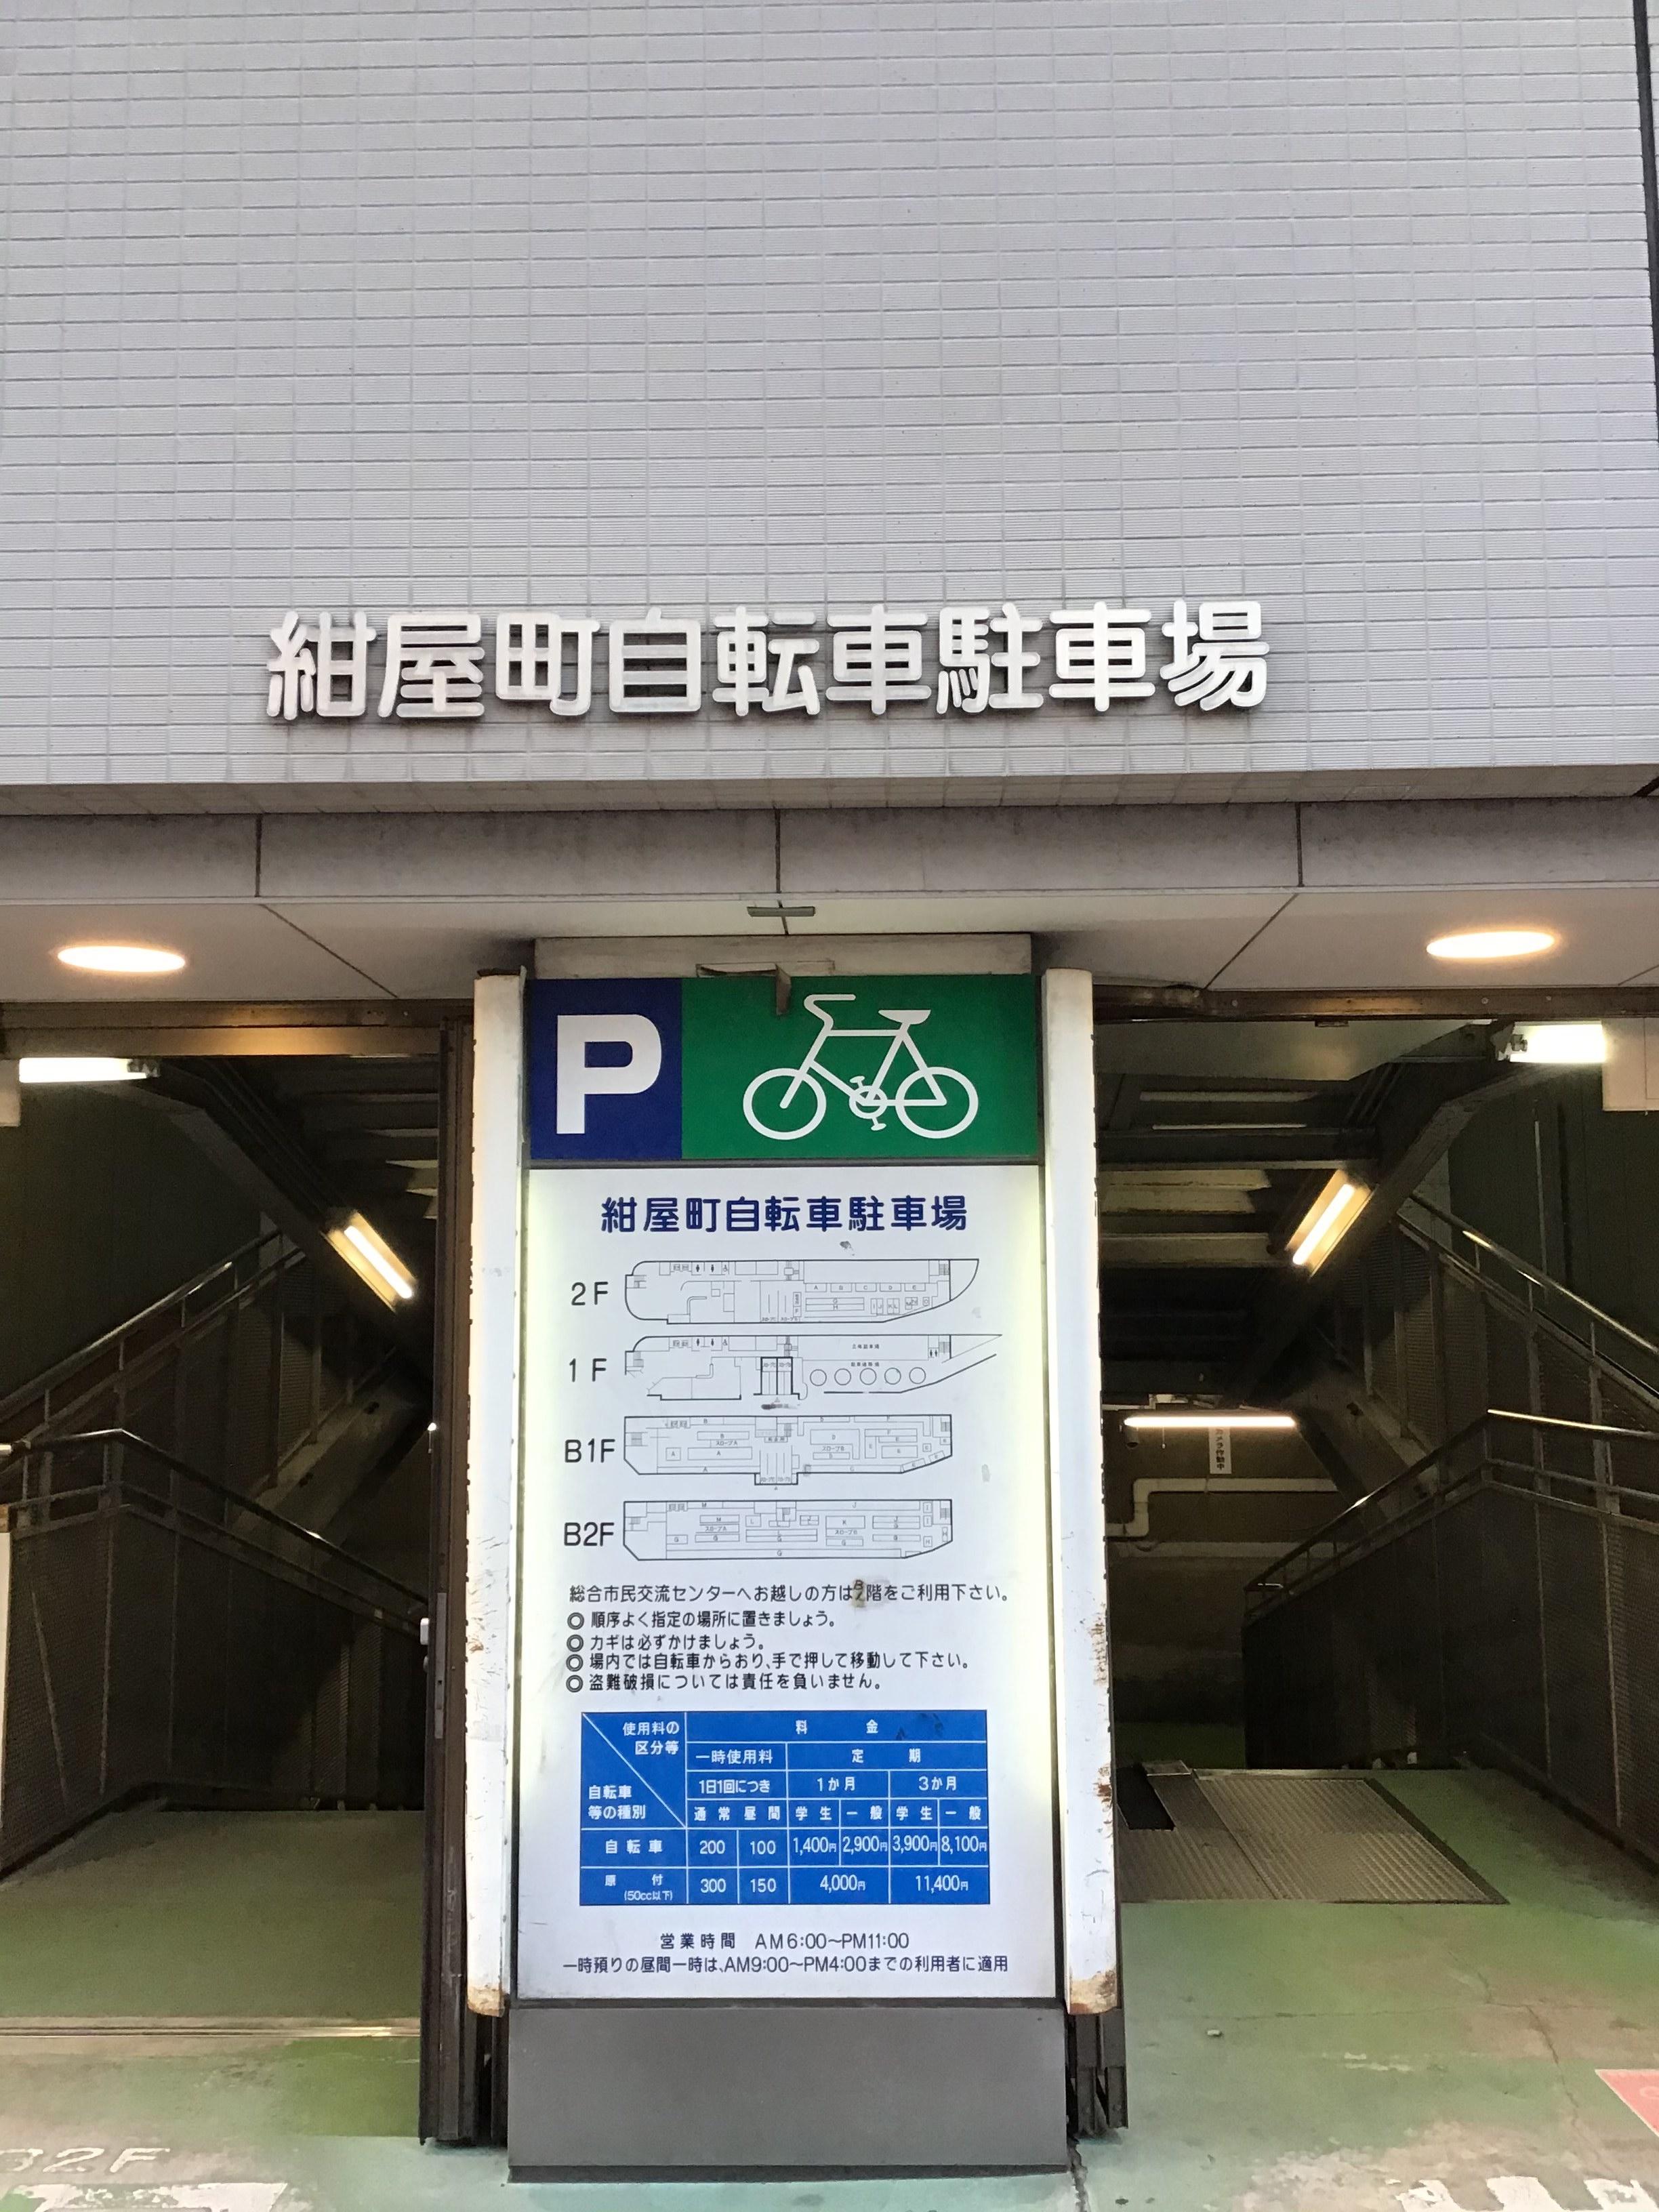 【公式】レンタルバイクのベストBike® 高槻駅前